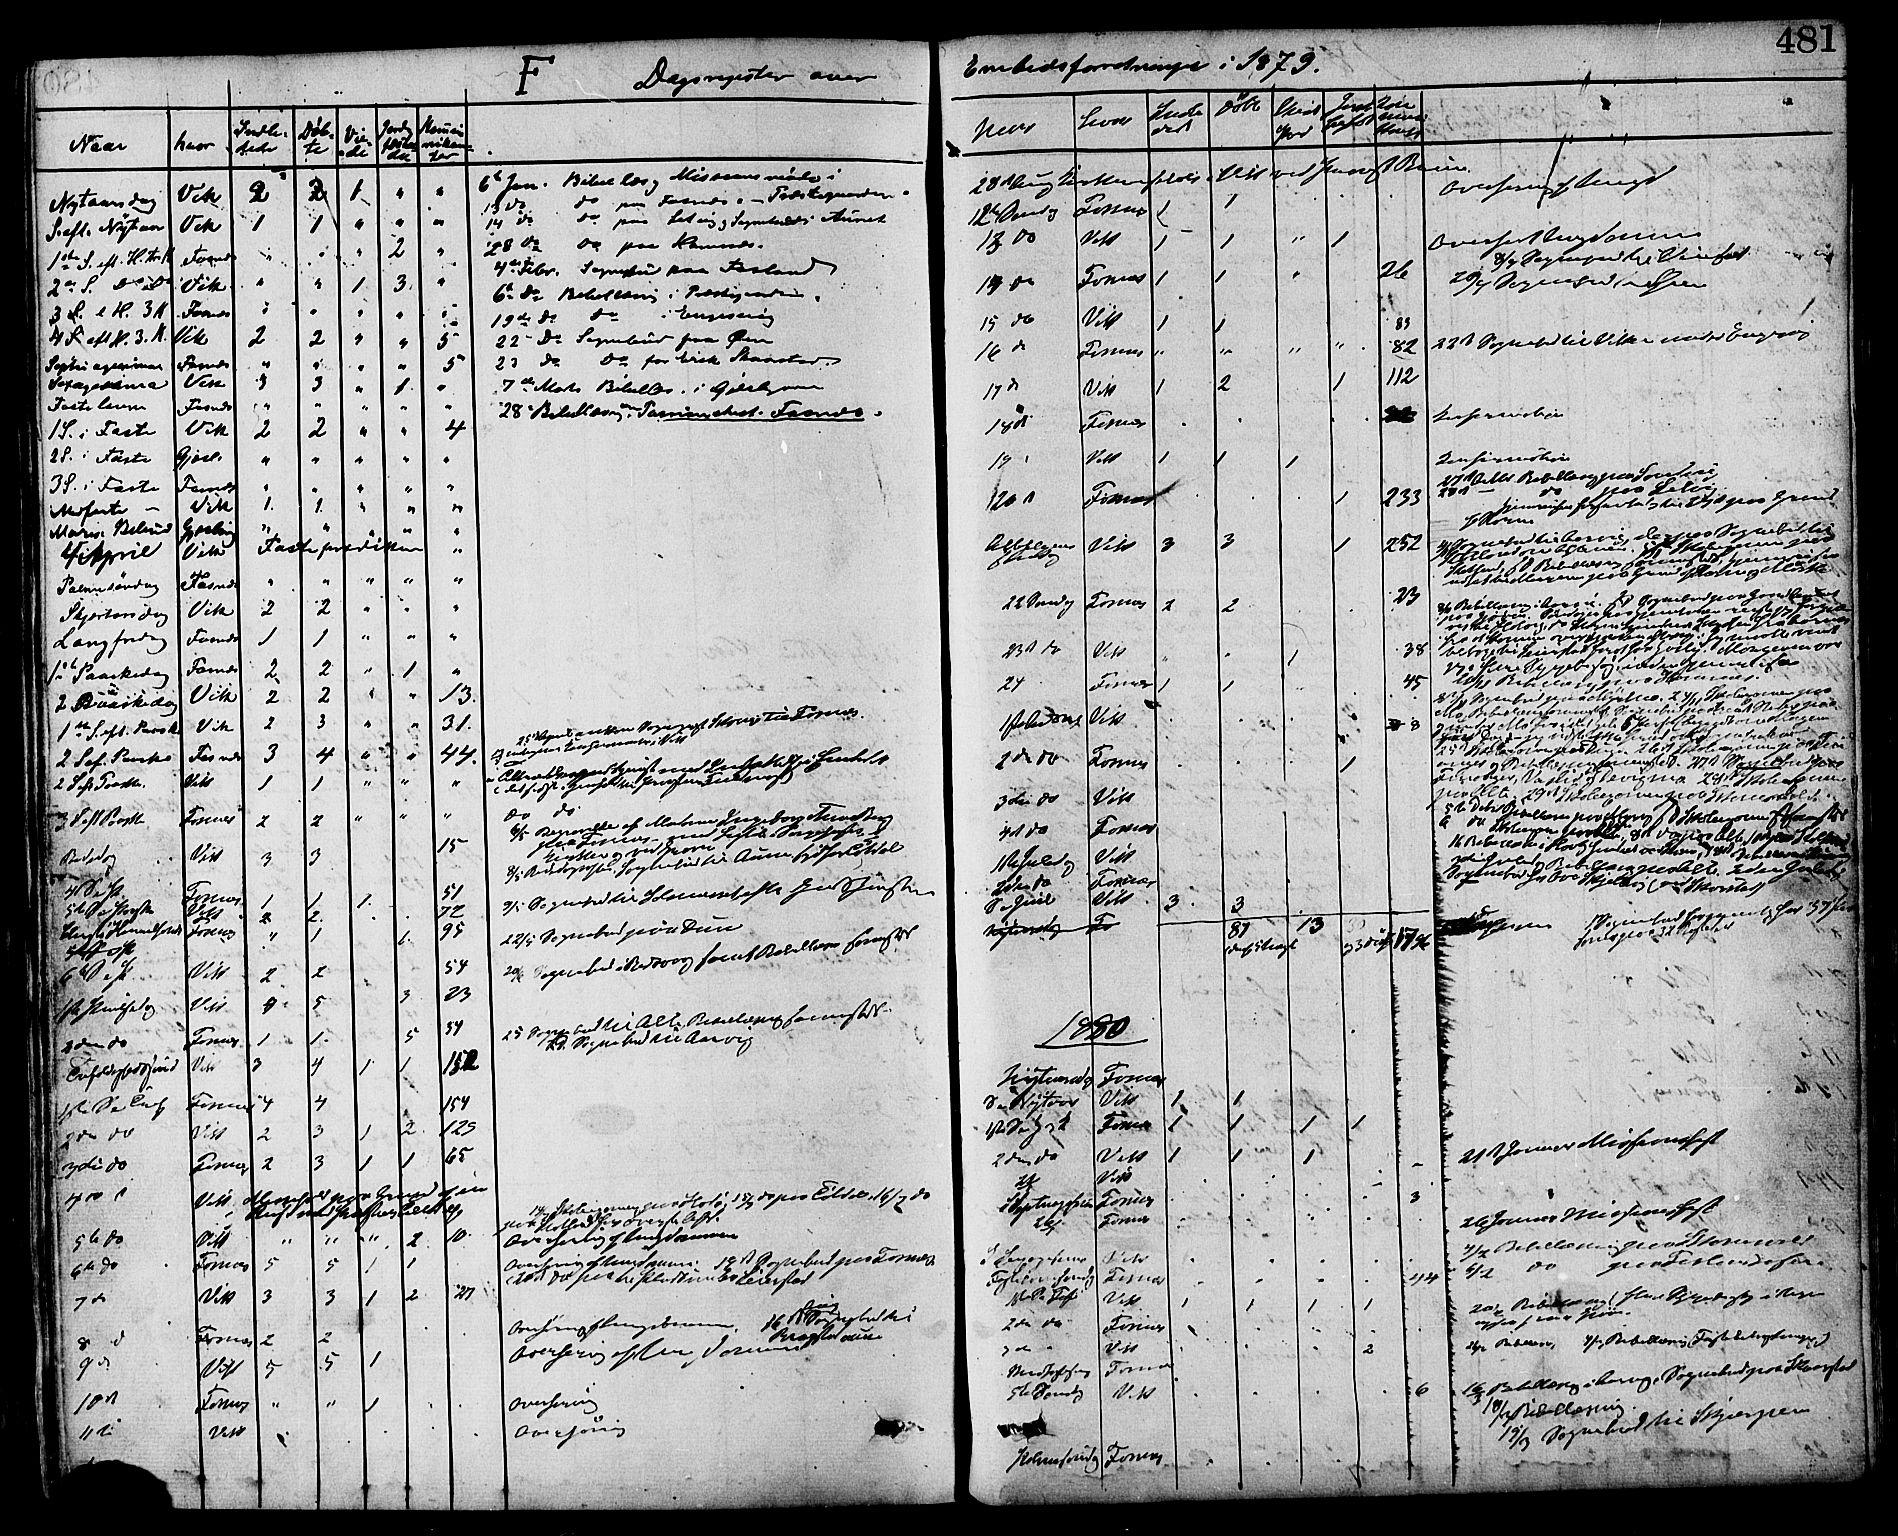 SAT, Ministerialprotokoller, klokkerbøker og fødselsregistre - Nord-Trøndelag, 773/L0616: Ministerialbok nr. 773A07, 1870-1887, s. 481